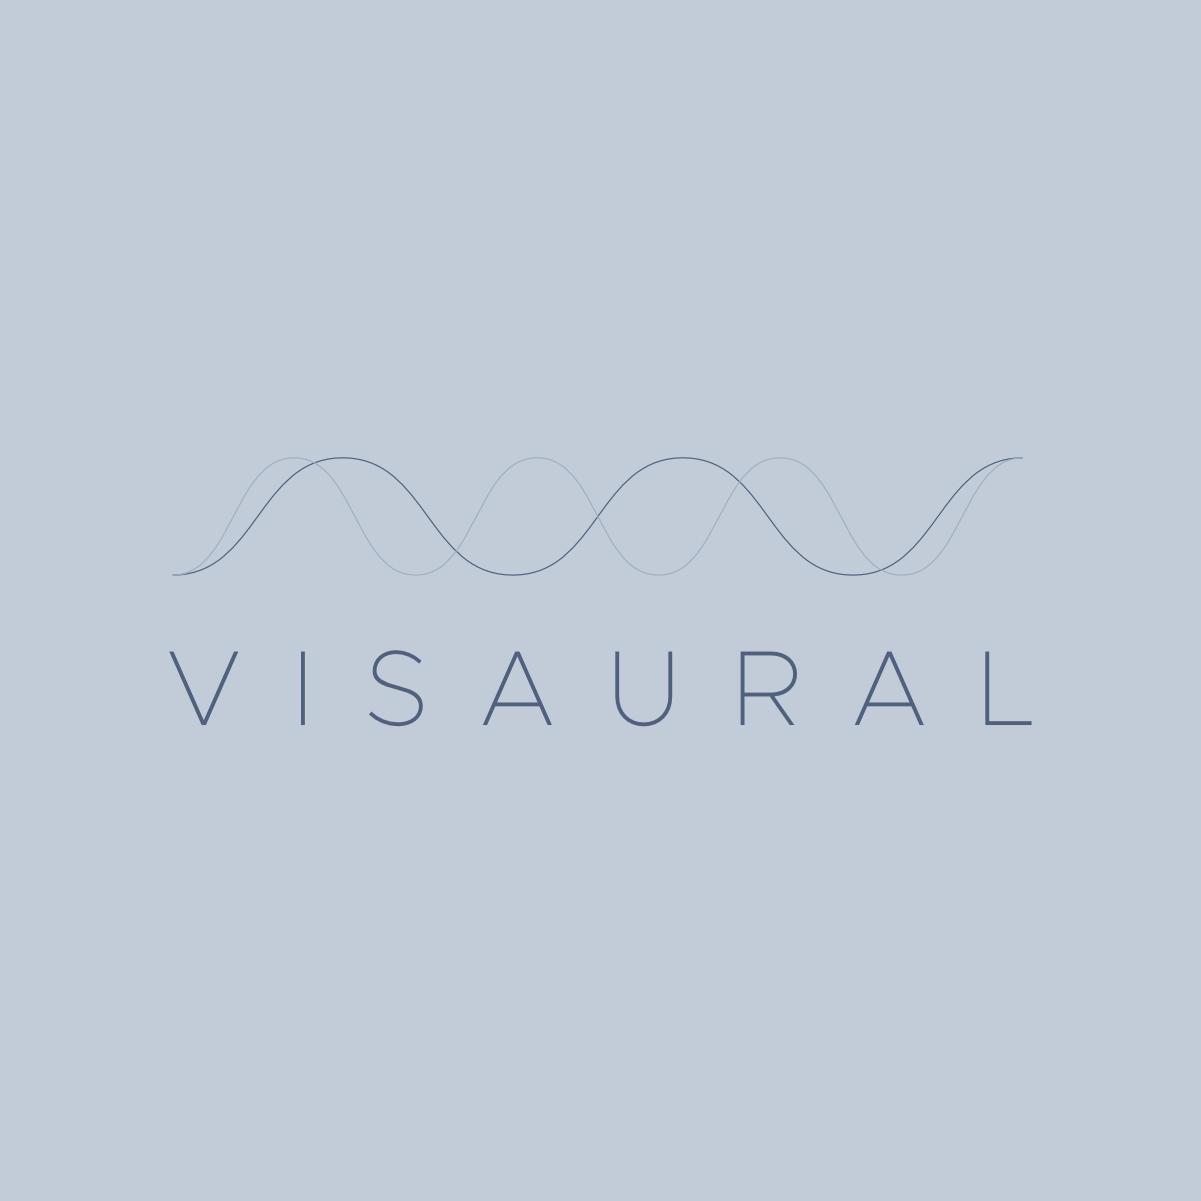 Visaural by El Hombre con Dos Cerebros - Creative Work